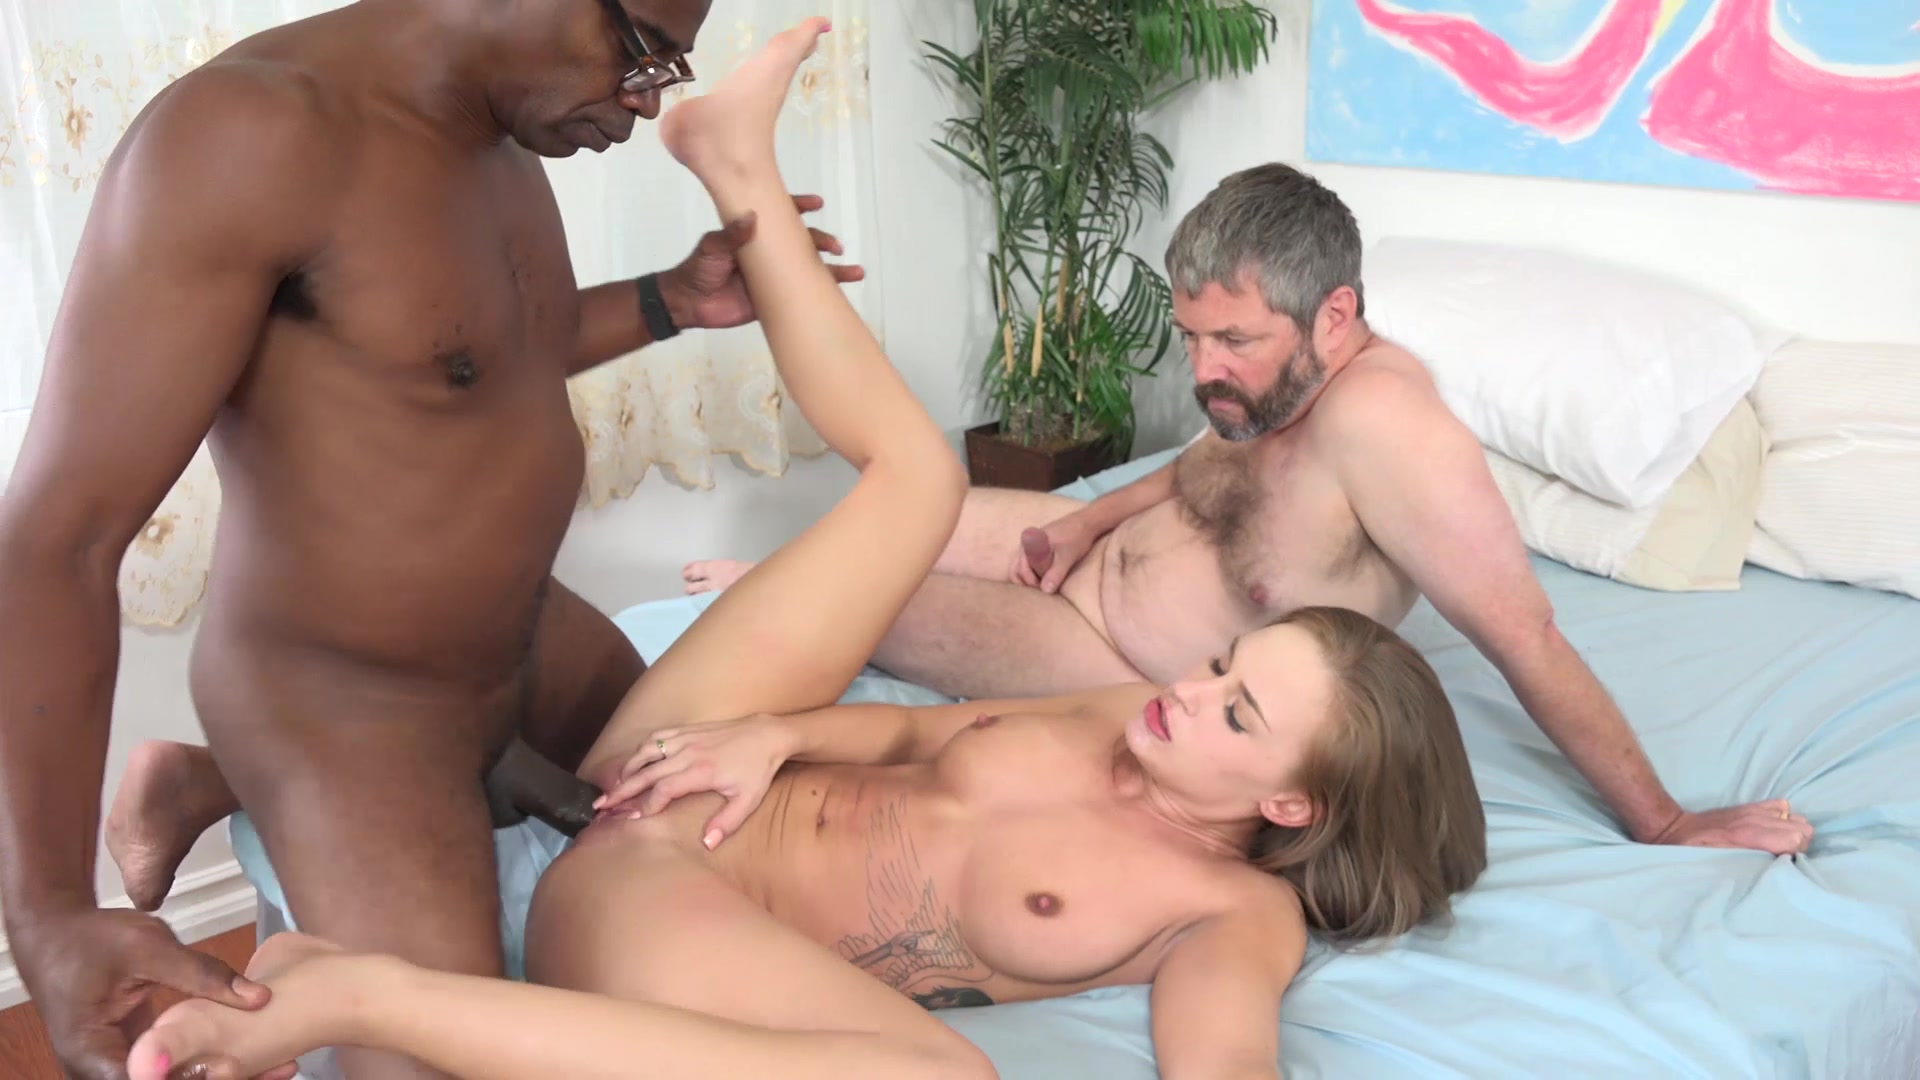 Шейн дизель рогоносцы порно, Шейн Дизель Рогоносец - Bub Porn -порно видео 20 фотография